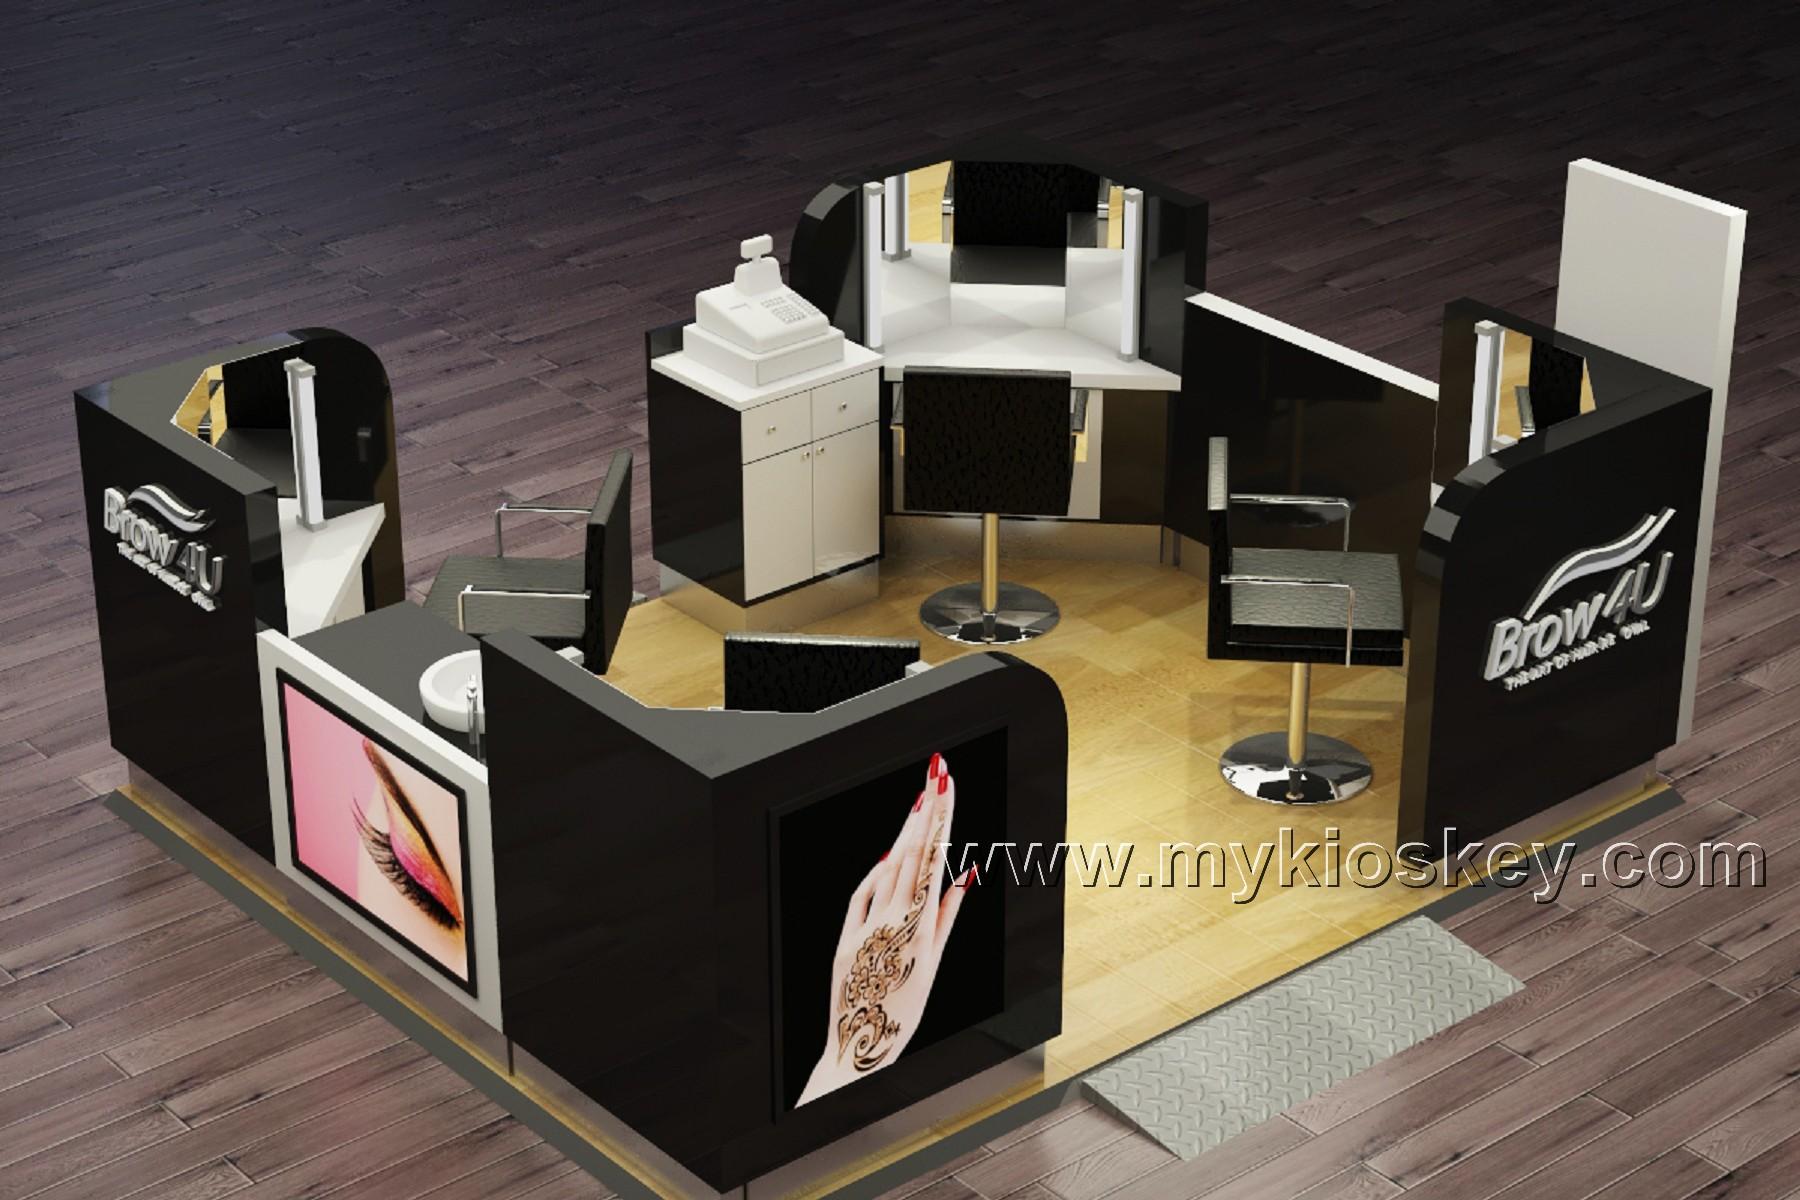 Magasin Des Idees Deco salon de beauté sourcil filetage magasin kiosque de barre frontale idées de  décoration - buy kiosque de barre de front,idées de décoration de salon de